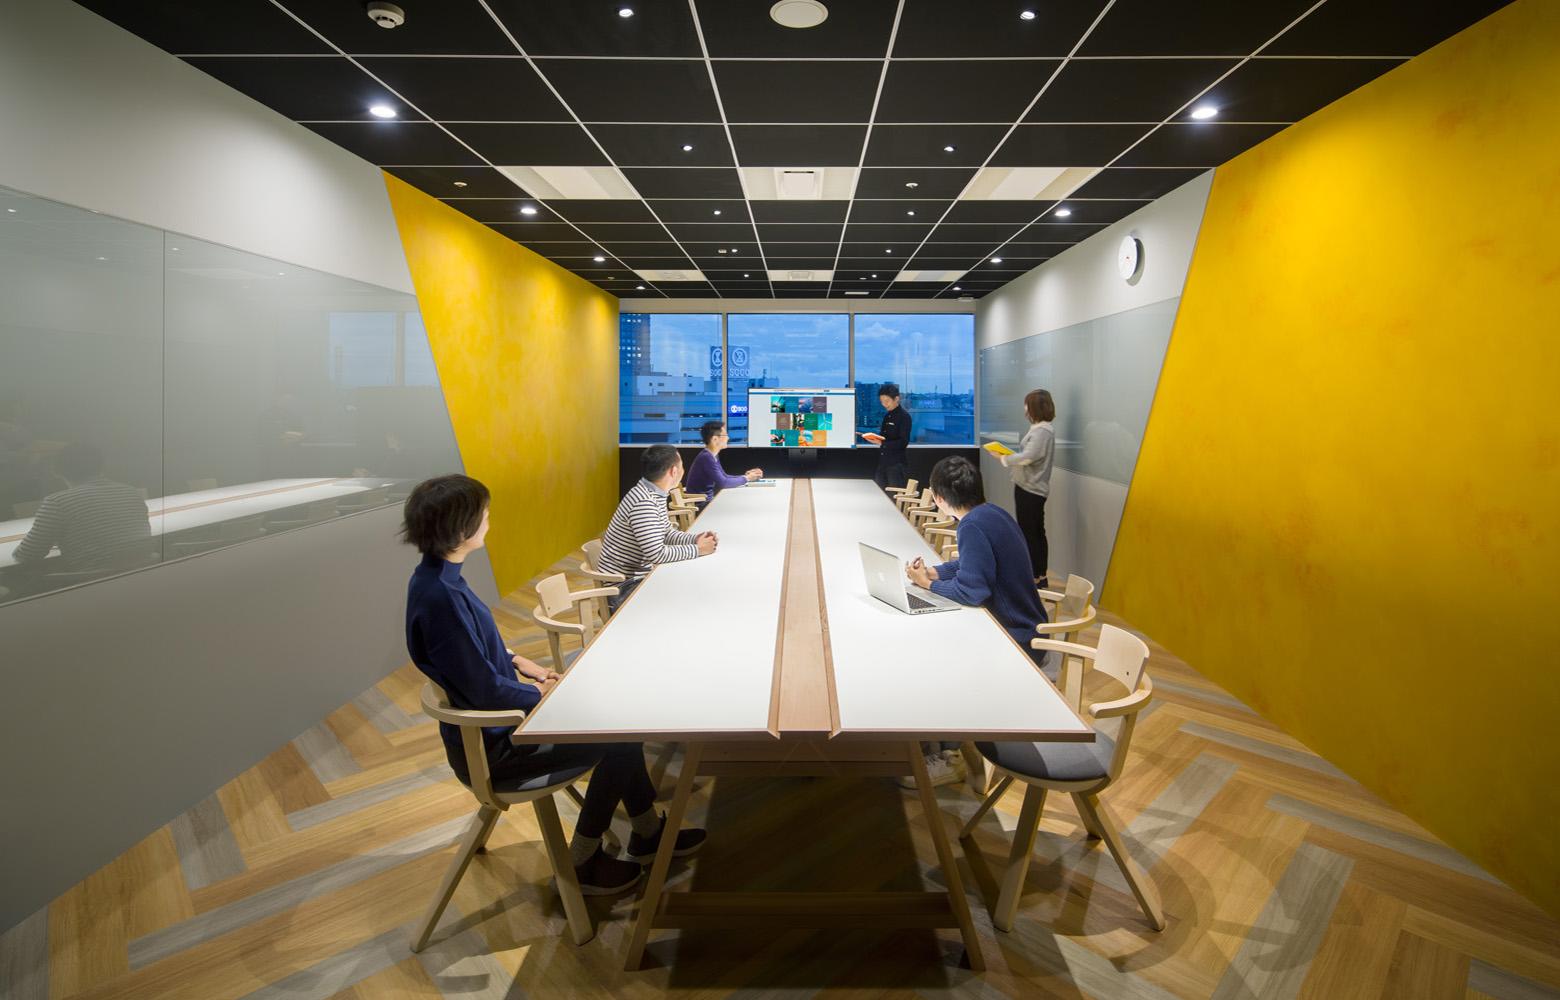 株式会社NTTデータMSE Yokohama Office Meeting Room_3 デザイン・レイアウト事例